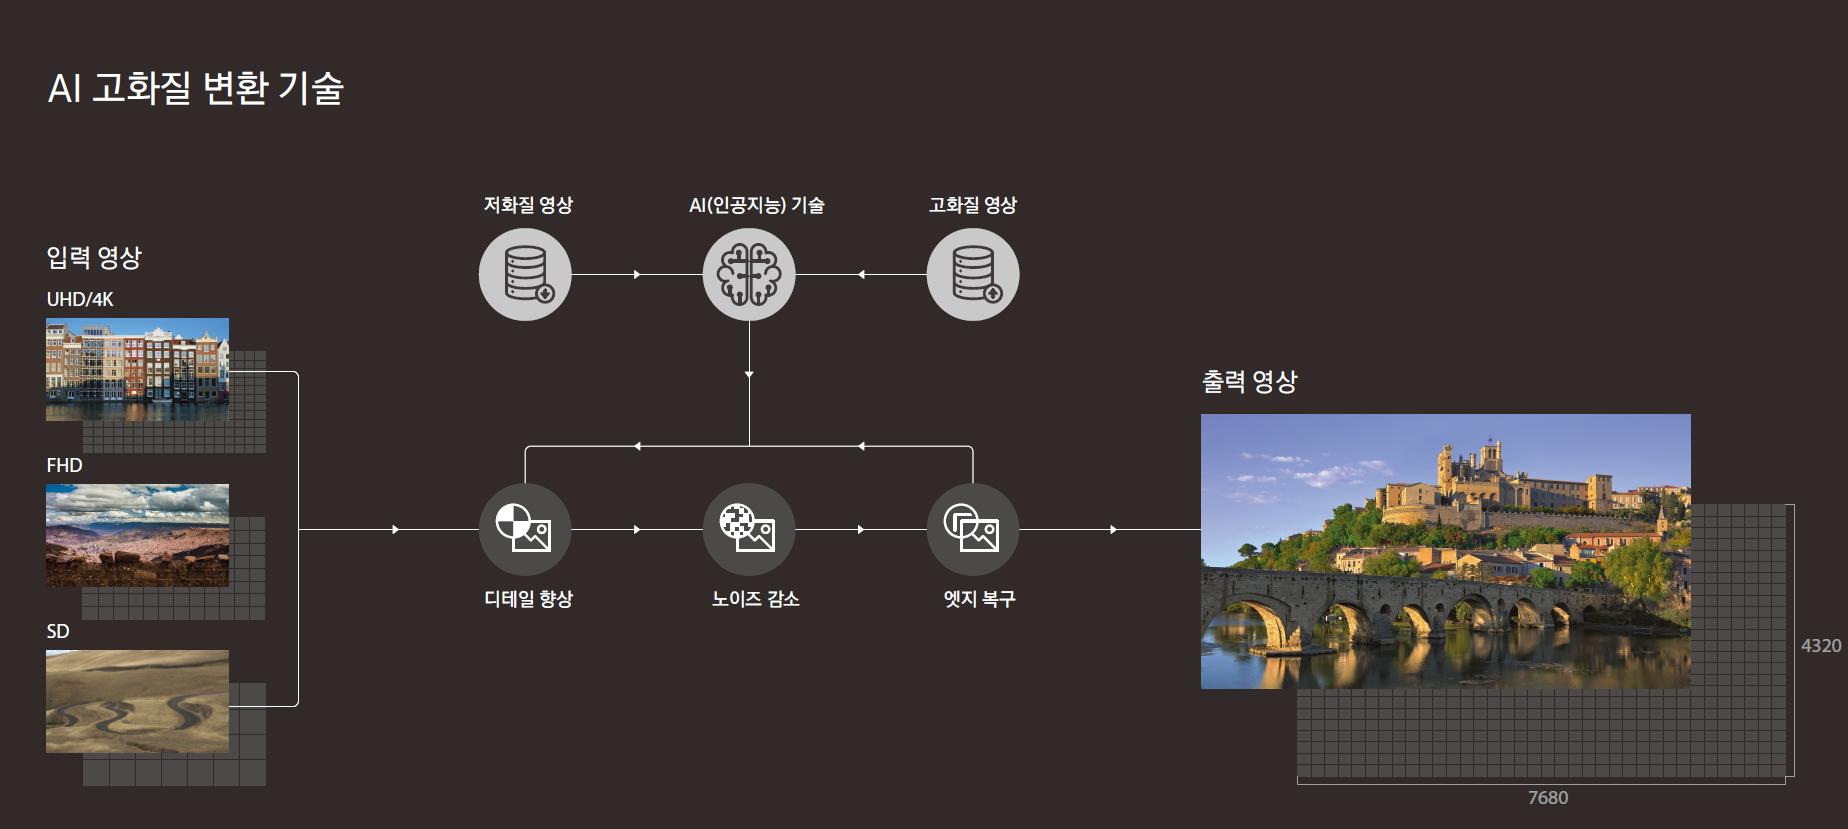 삼성전자 AI 고화질 변환 기술 개념도(1)